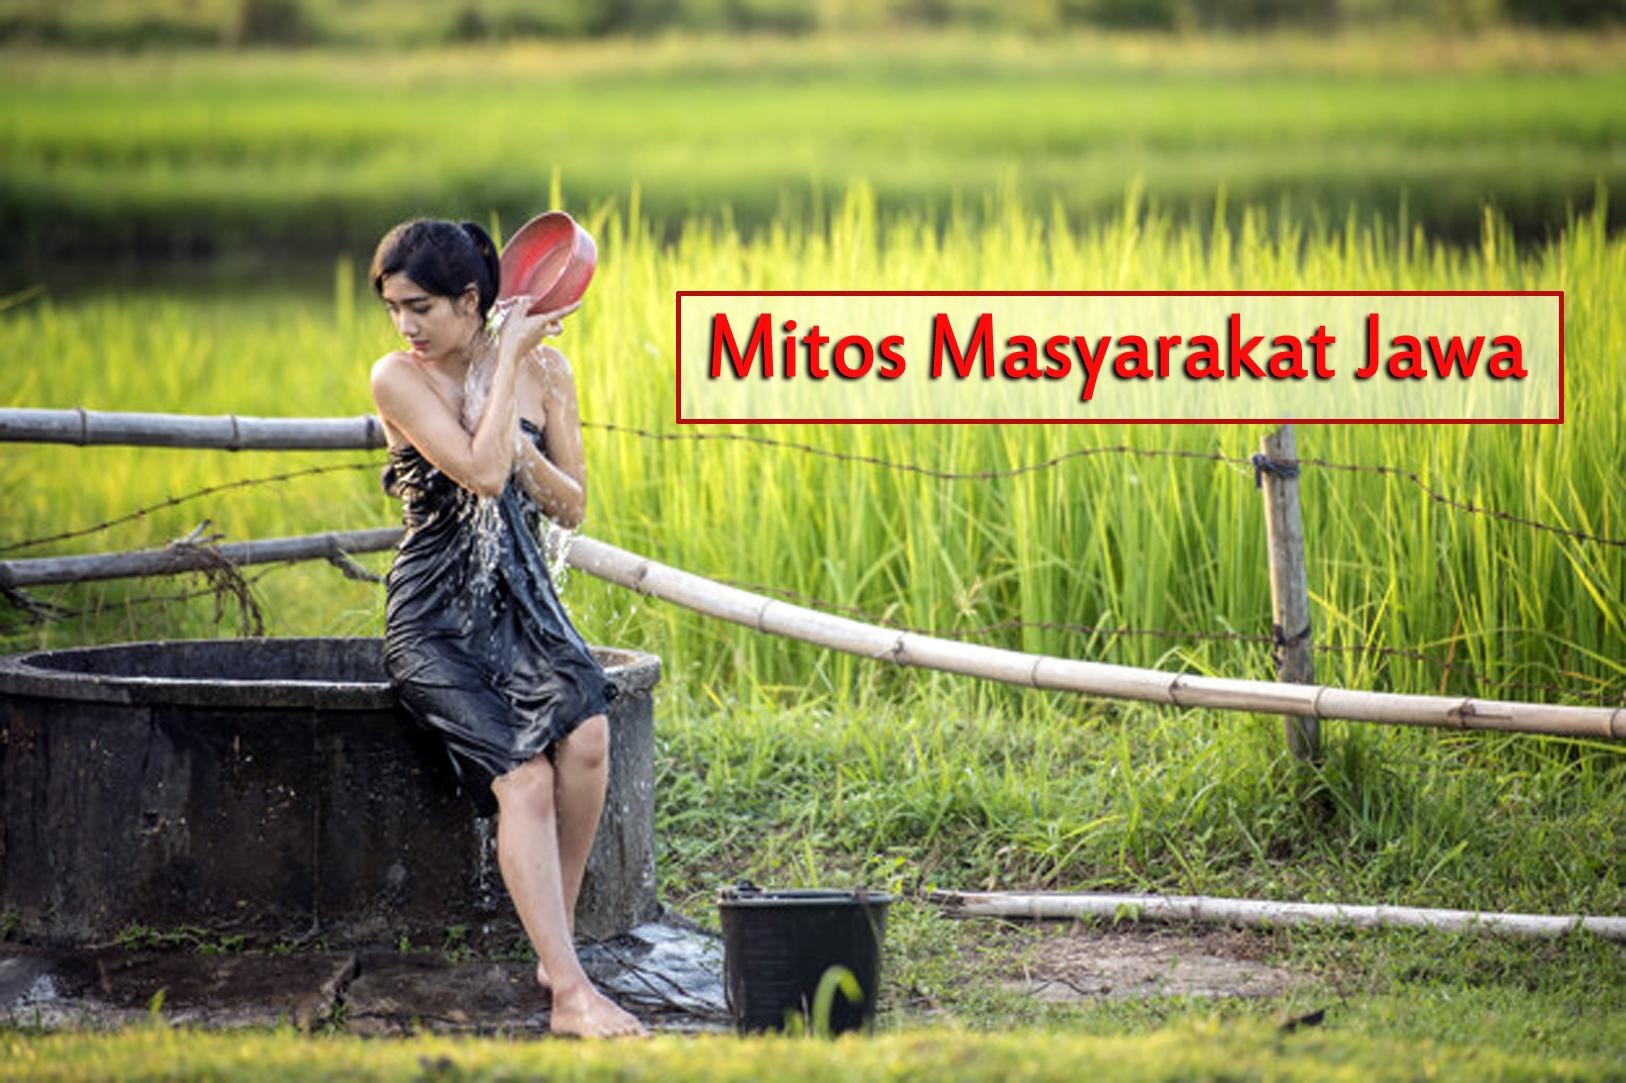 Mitos Masyarakat Jawa